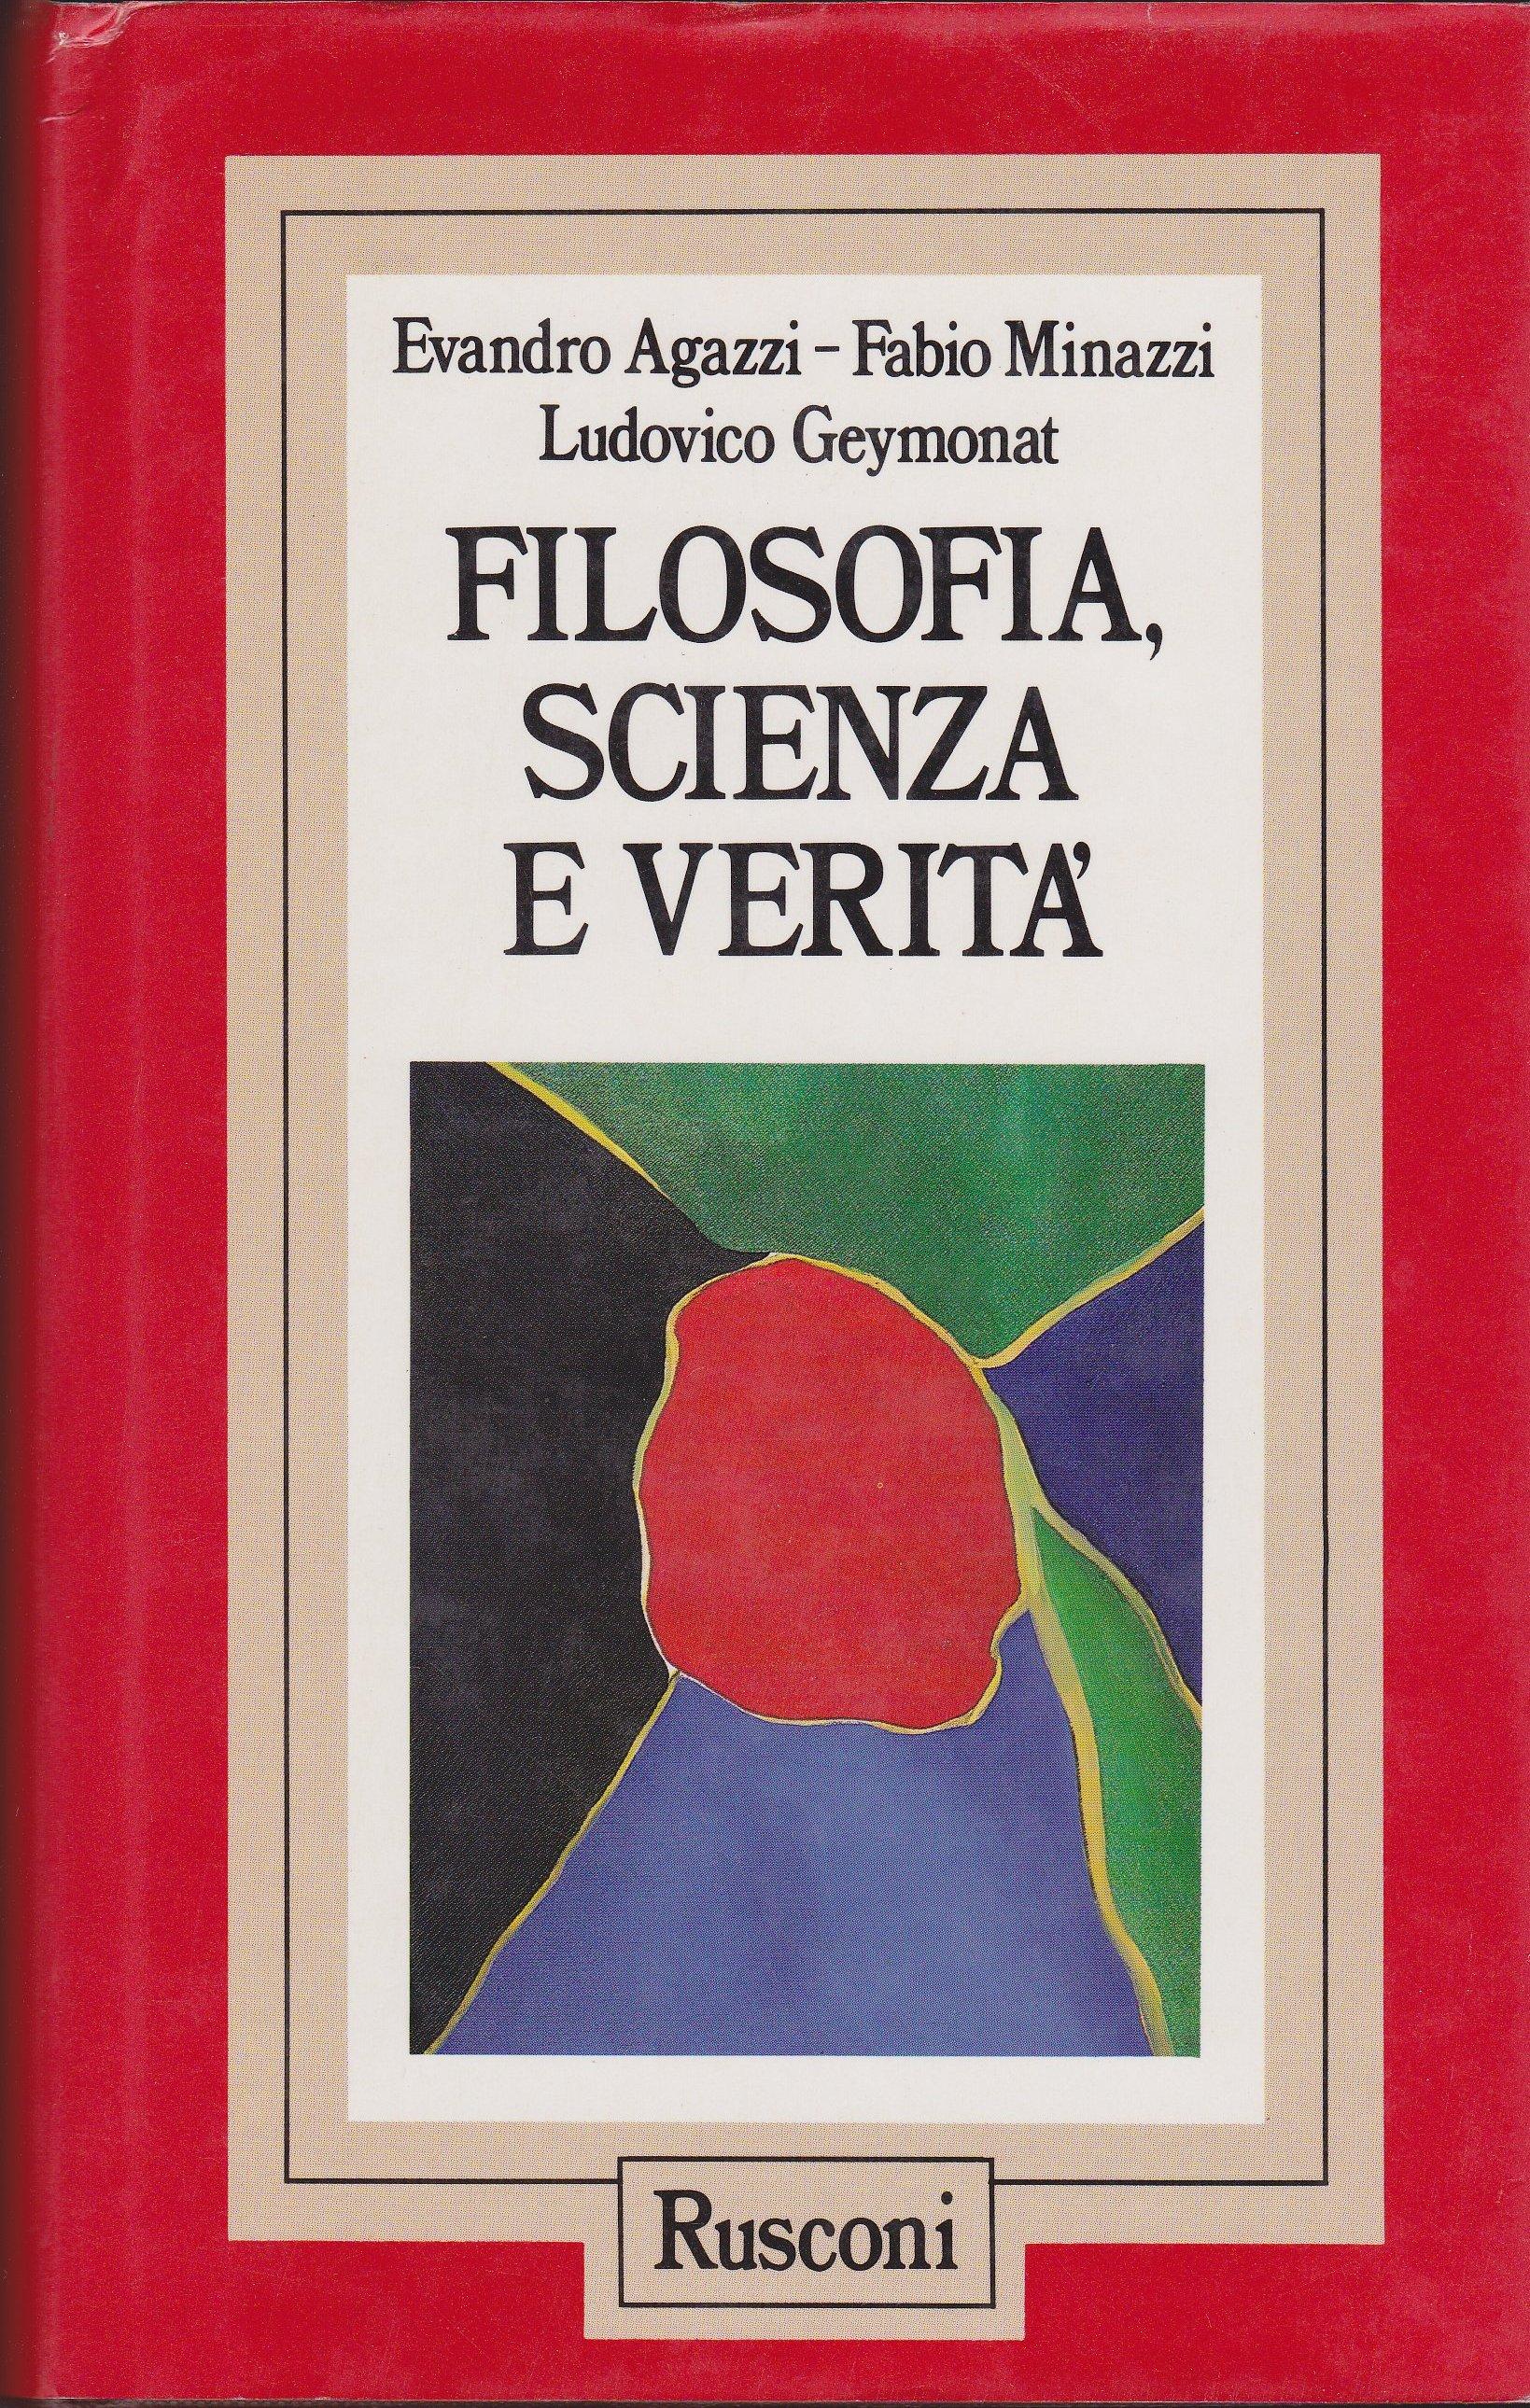 Filosofia, scienza e verità